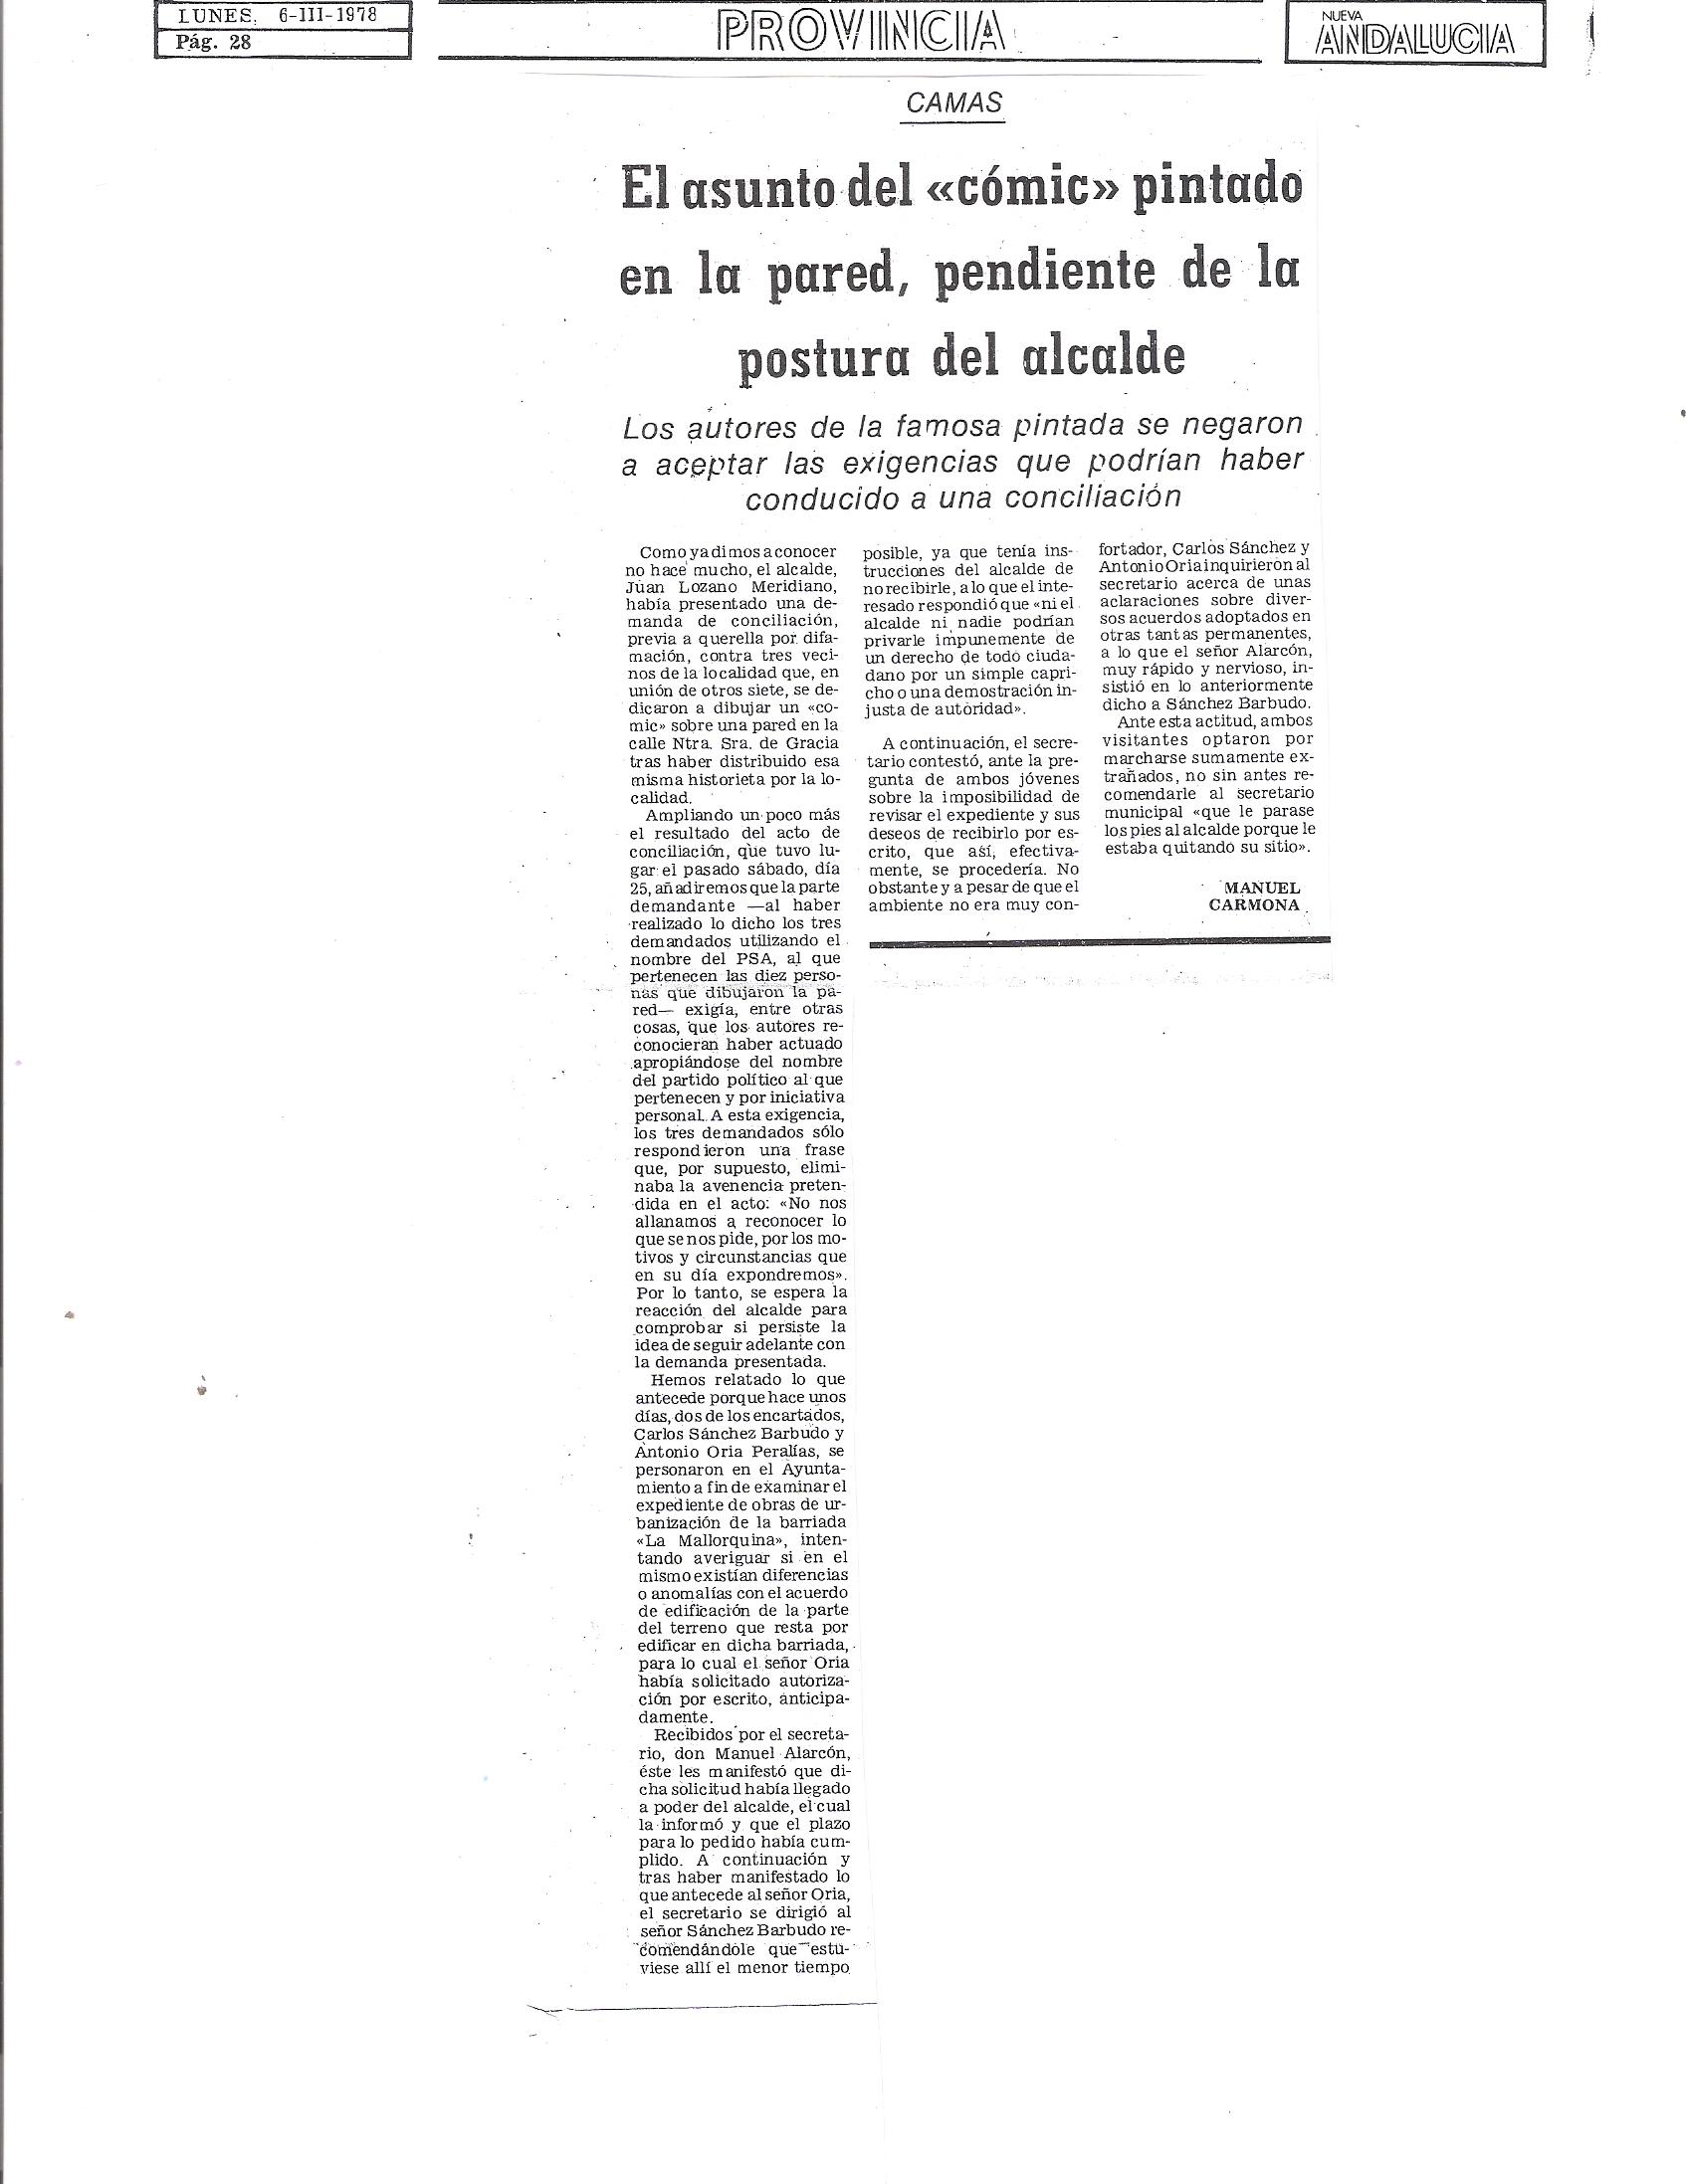 """6 de Marzo de 1978. Los autores del """"Comic"""" pintado en la calle Santa María de Gracia. denunciando las ilegalidades de la Barriada La Mallorquina se negaron a aceptar las exigencias del Acto de Conciliación, previo a la querella por injurias planteada por el Alcalde de Camas."""